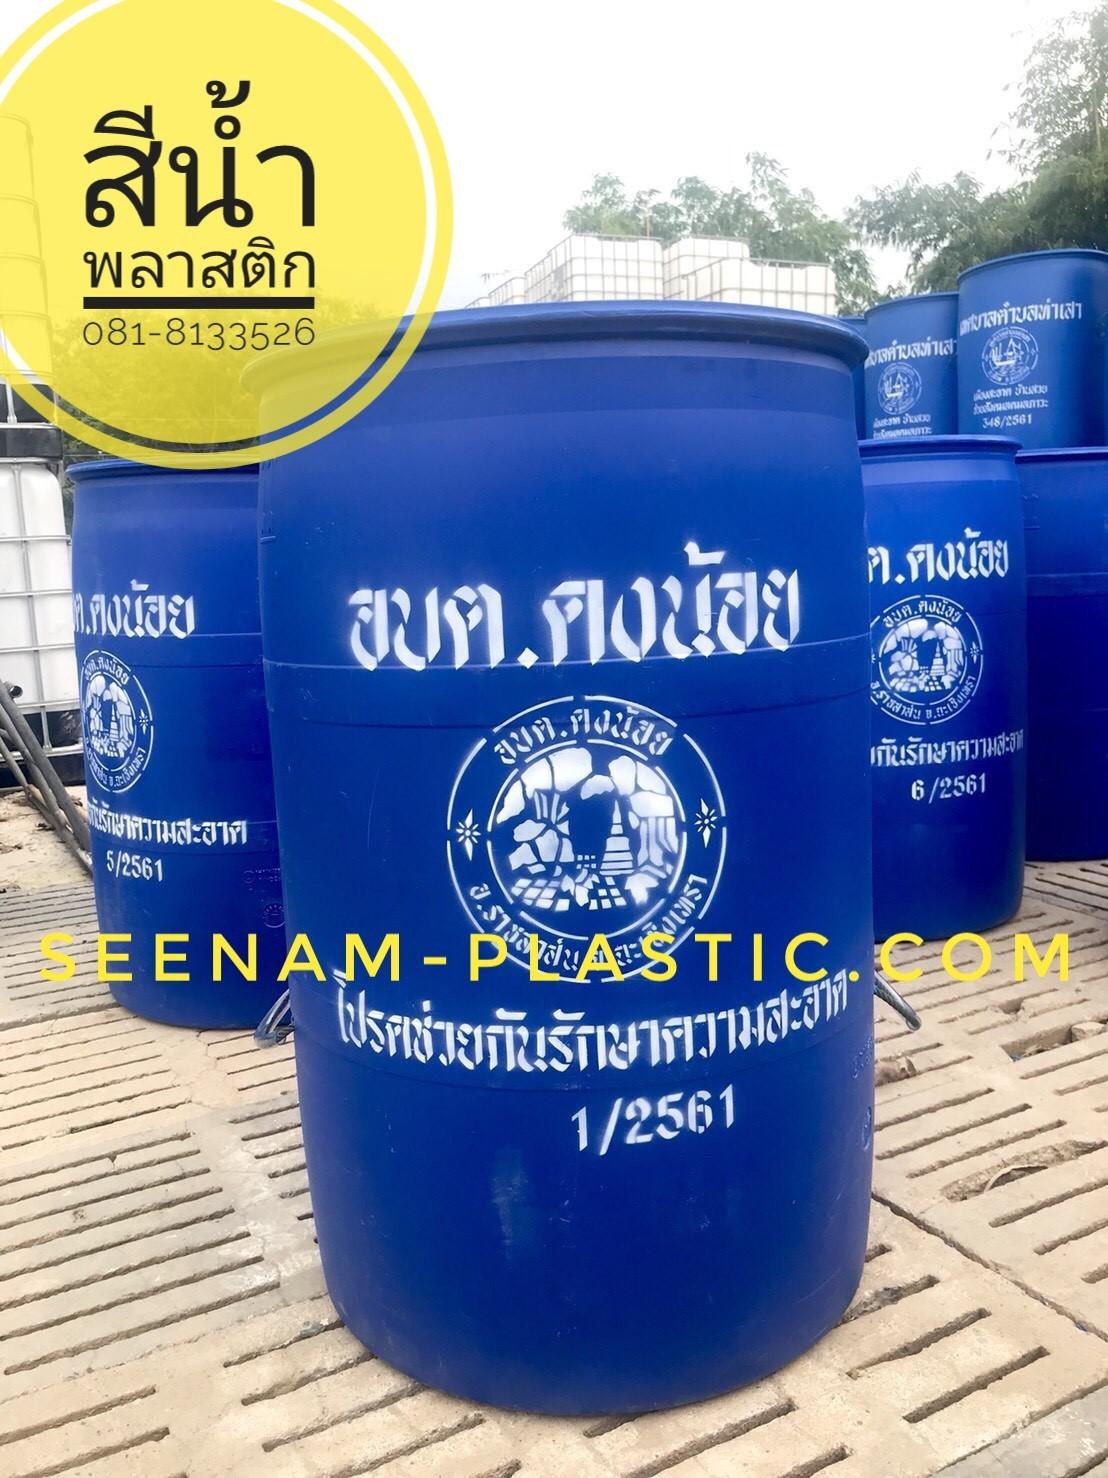 ถังขยะ200ลิตร ถังขยะพลาสติก200ลิตร ถังเคมี ถังขยะพลาสติก ถังขยะเทศบาล ถังขยะกทม ขายส่งถังขยะพลาสติก